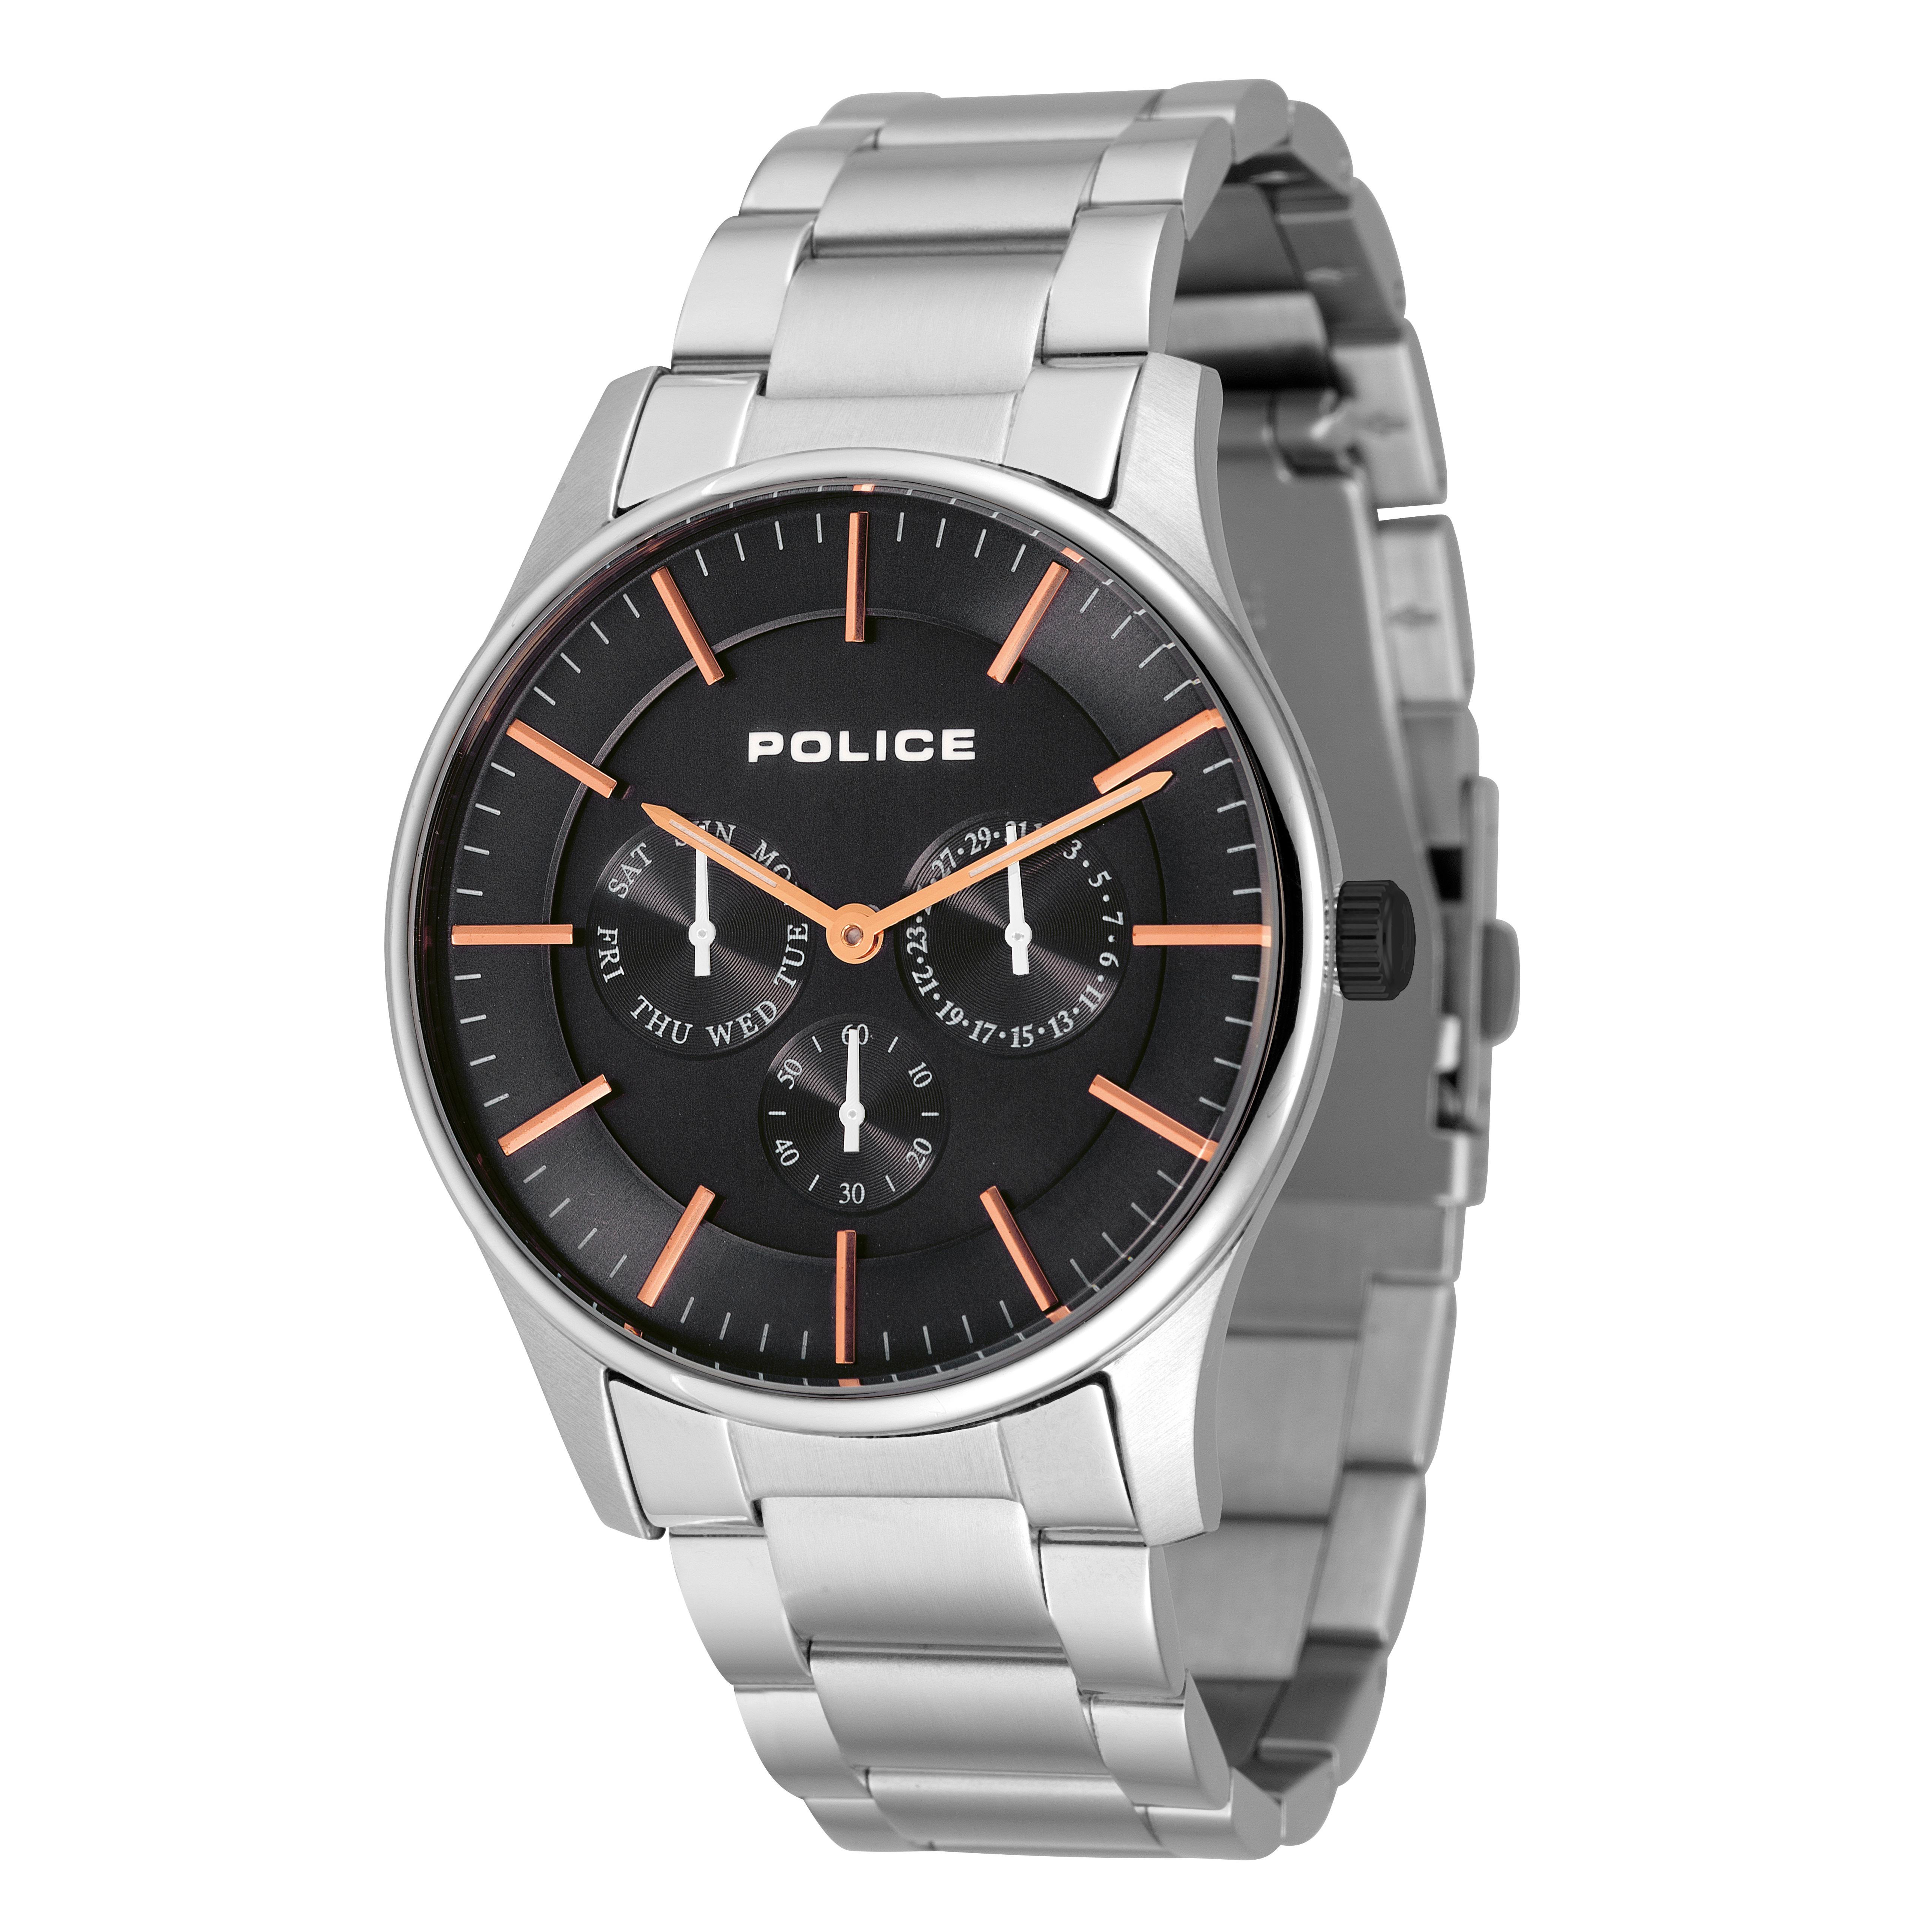 POLICE(ポリス)腕時計 COURTESYコーテシー ブラック/ローズゴールド【14701JS-02M】